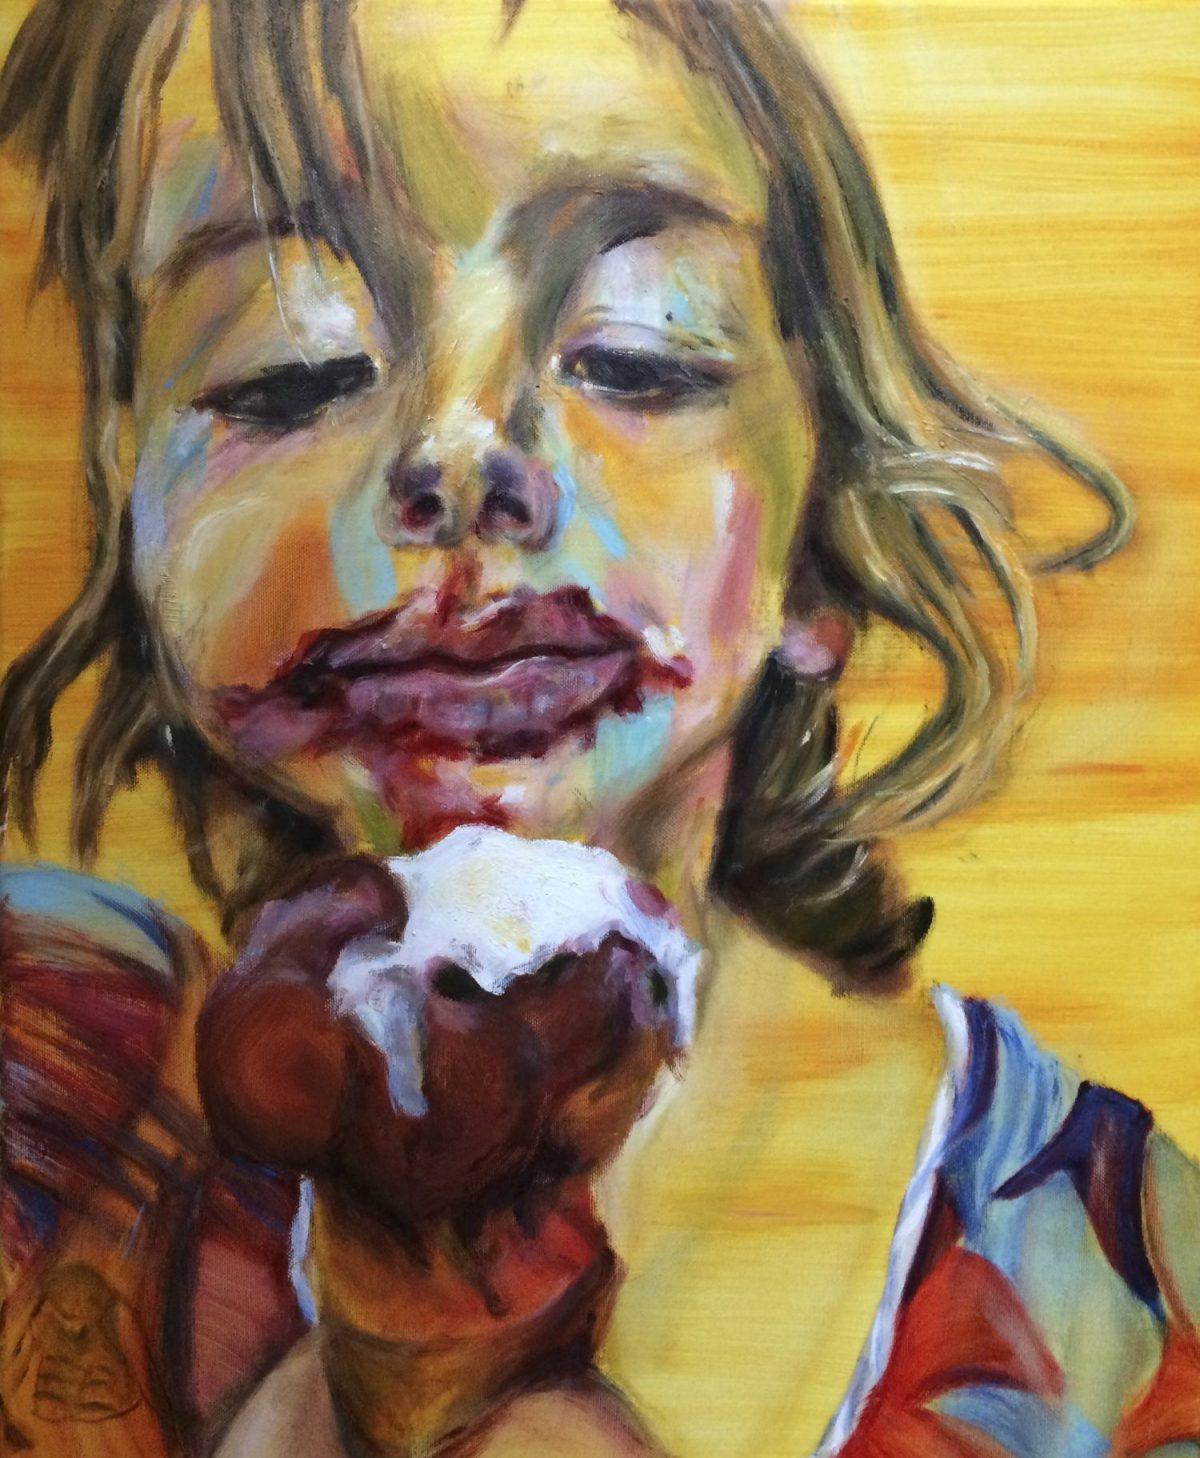 Portretten. Portret 'Het meisje met het ijsje', olieverf schilderij